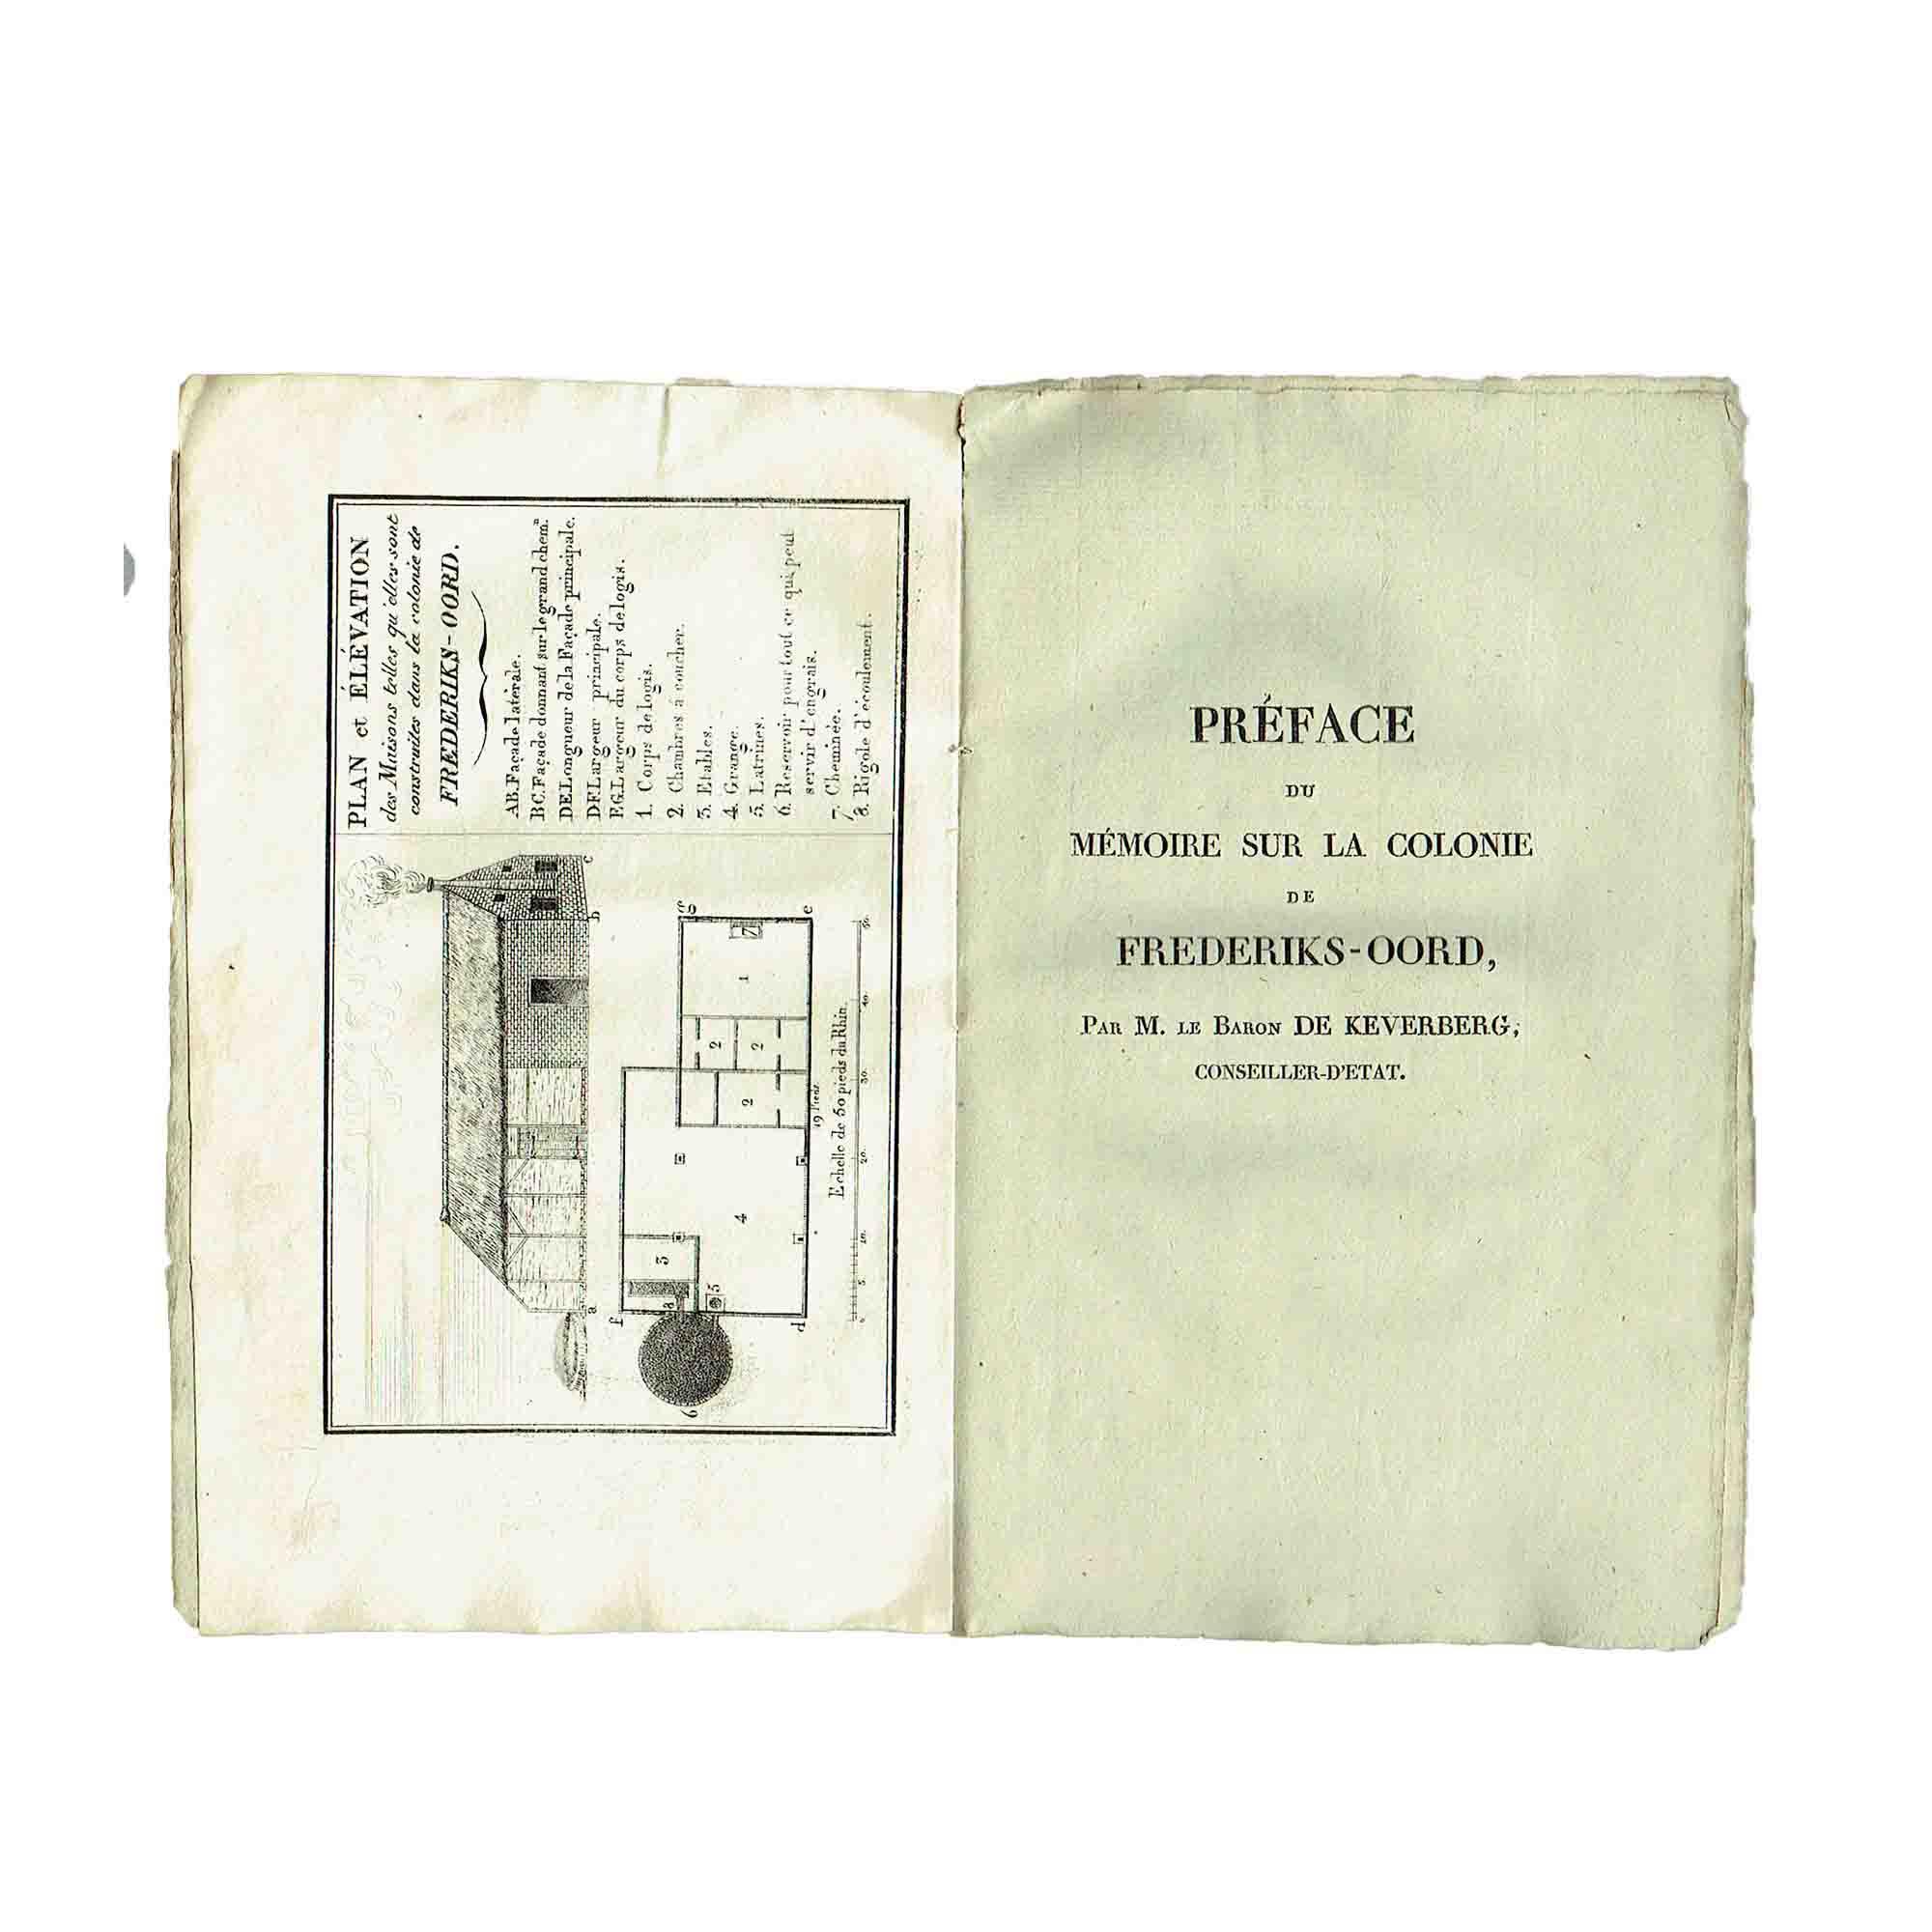 5335-Bosch-Kevenberg-Frederiksoord-1821-2-frei-N.jpg